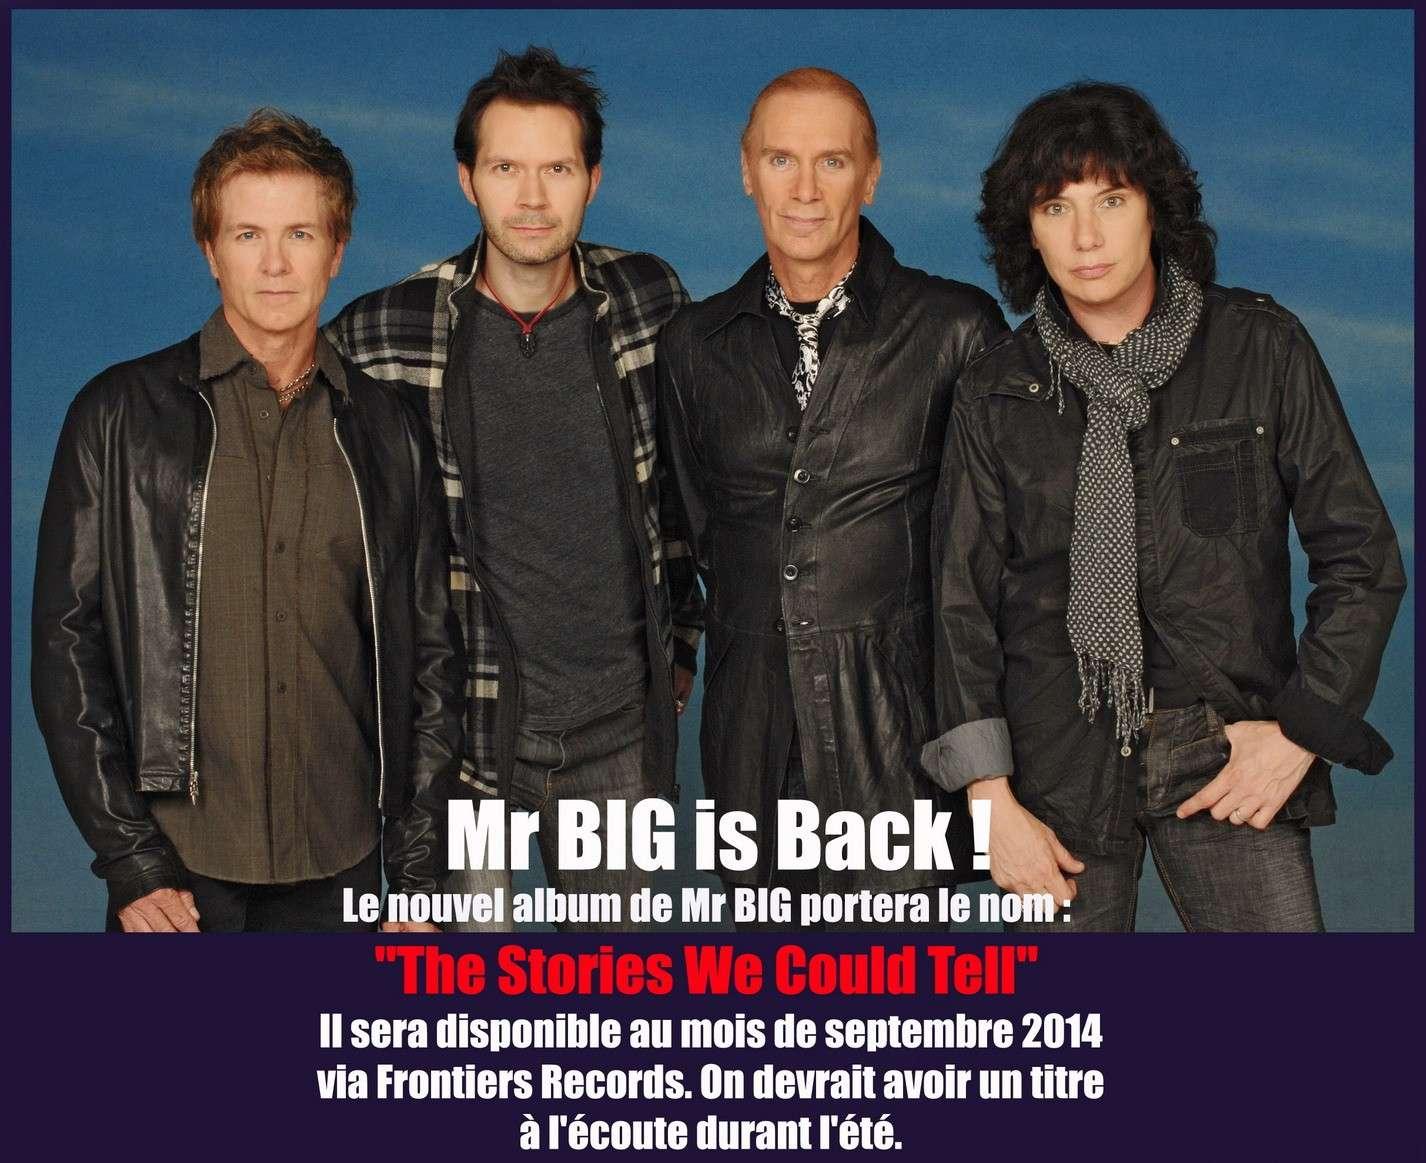 Les NEWS du METAL en VRAC ... - Page 5 Mr_big11